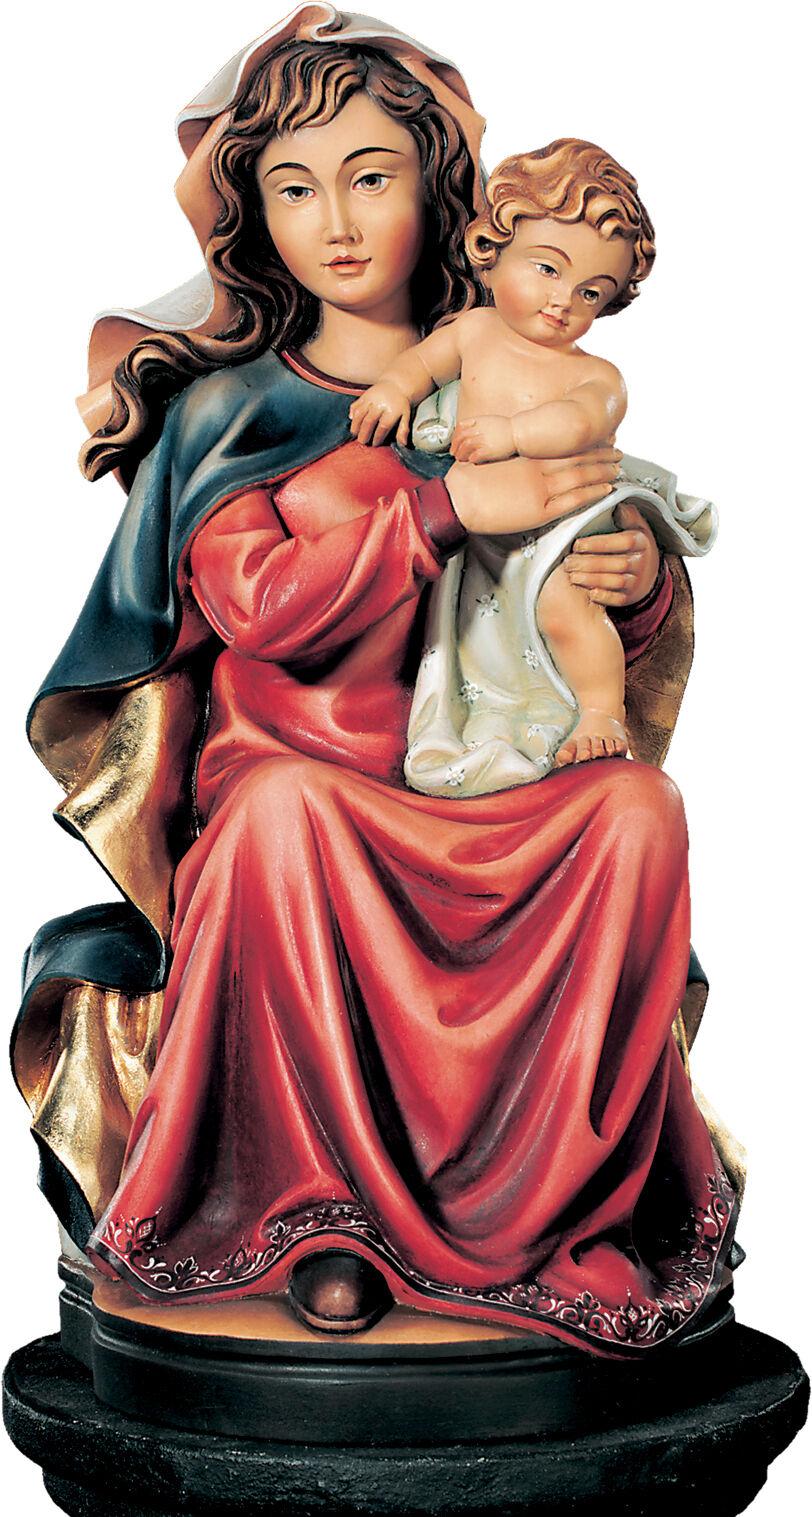 Statue Madamen sitzend sitzend sitzend mit Kind - Unsere Lady sitting with Kind wooden Statuen | Schön und charmant  eeaaf3